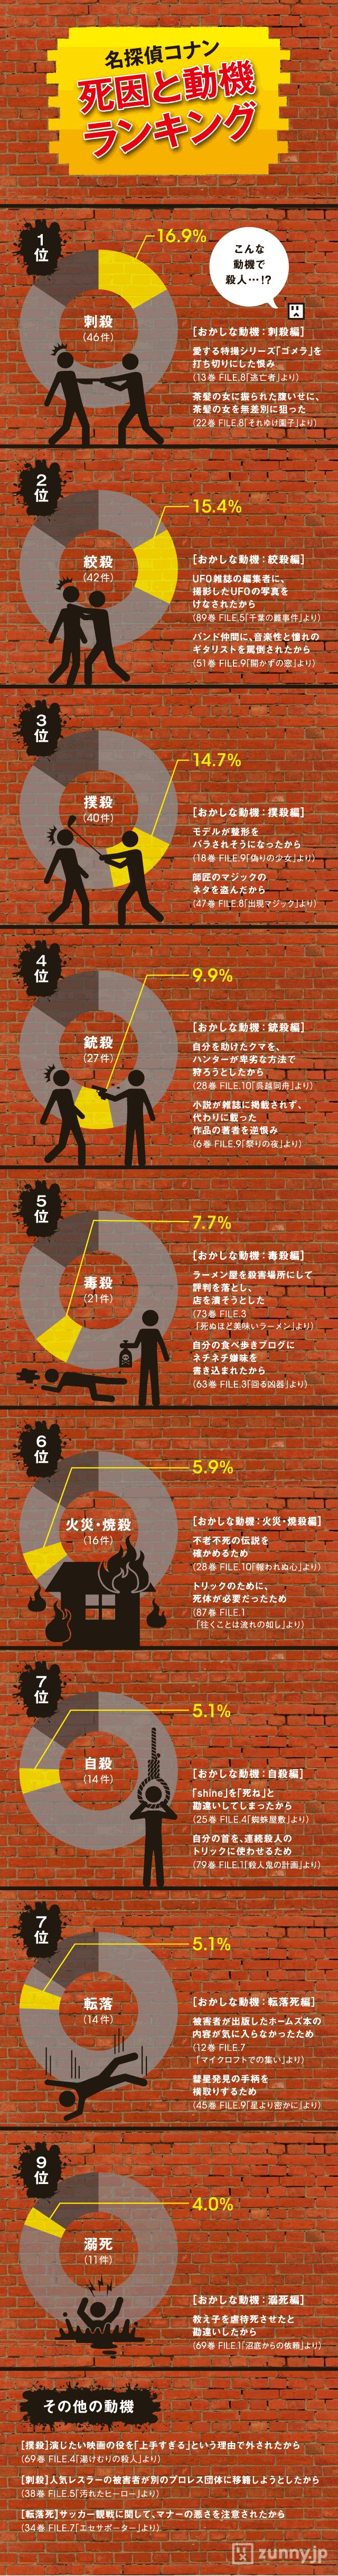 『名探偵コナン』殺人事件の死因と動機ランキング   ZUNNY インフォグラフィック・ニュース